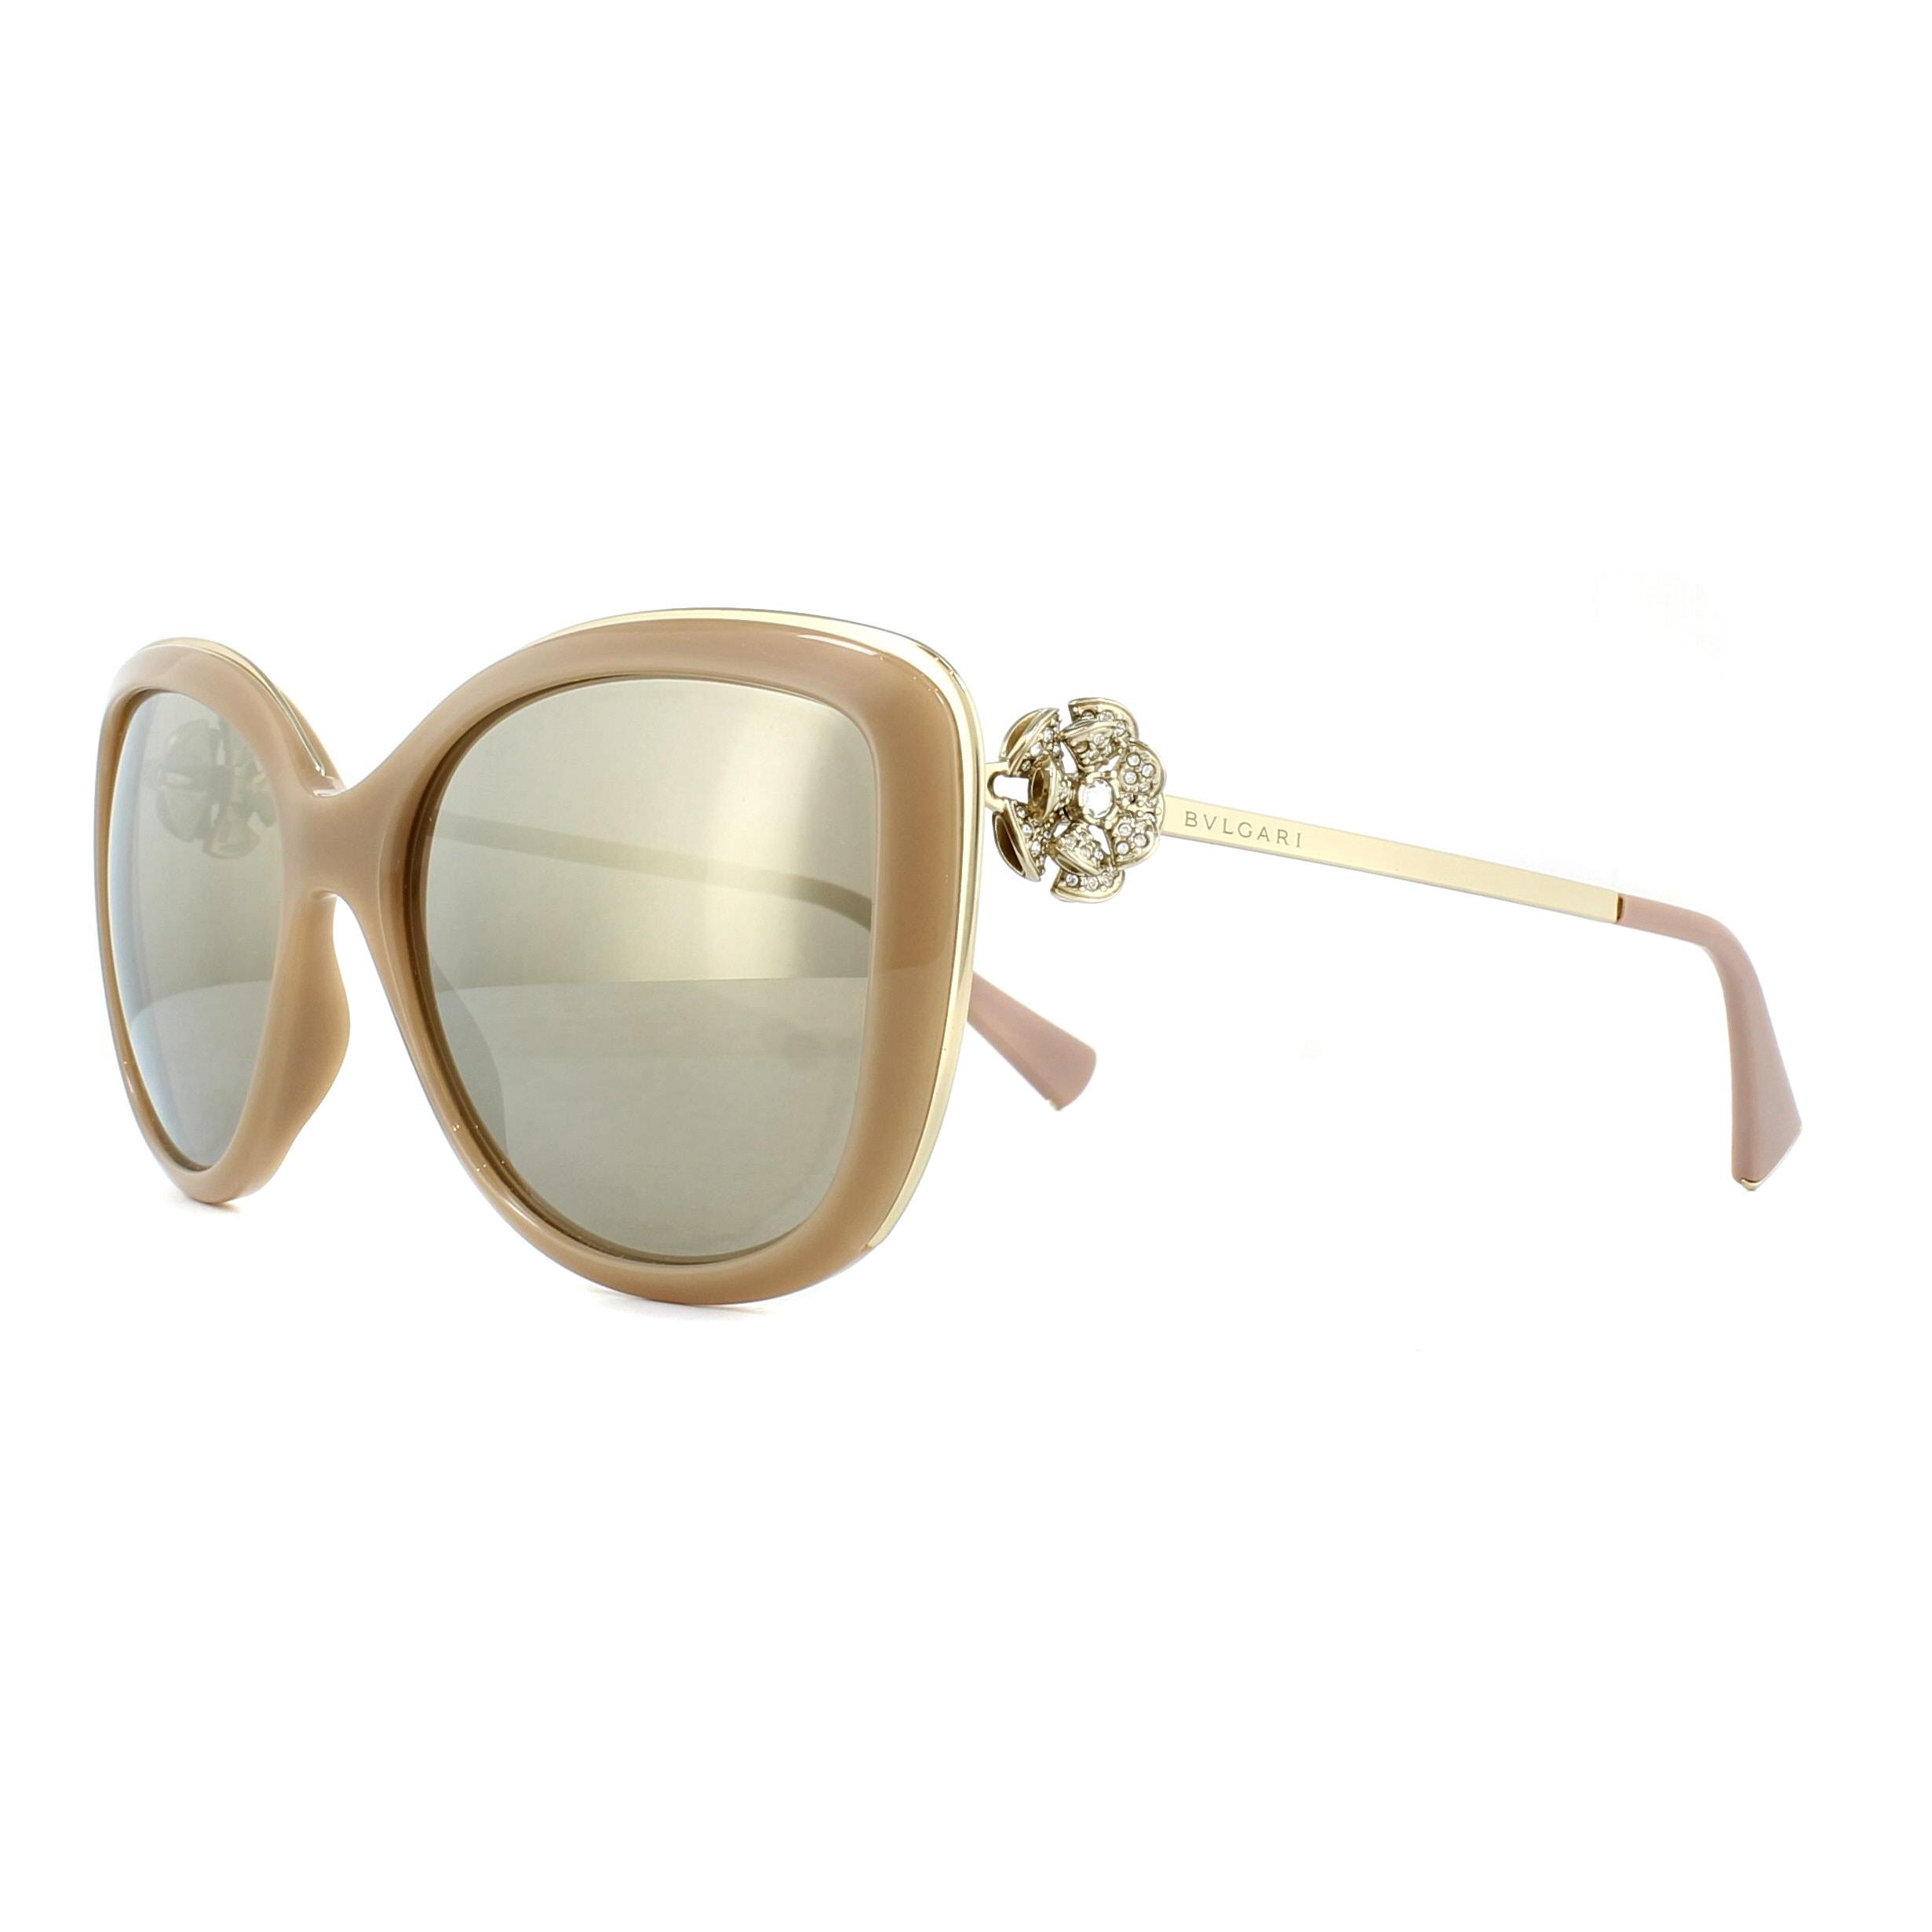 87ec442b2d Cheap Bvlgari 6094B Sunglasses - Discounted Sunglasses